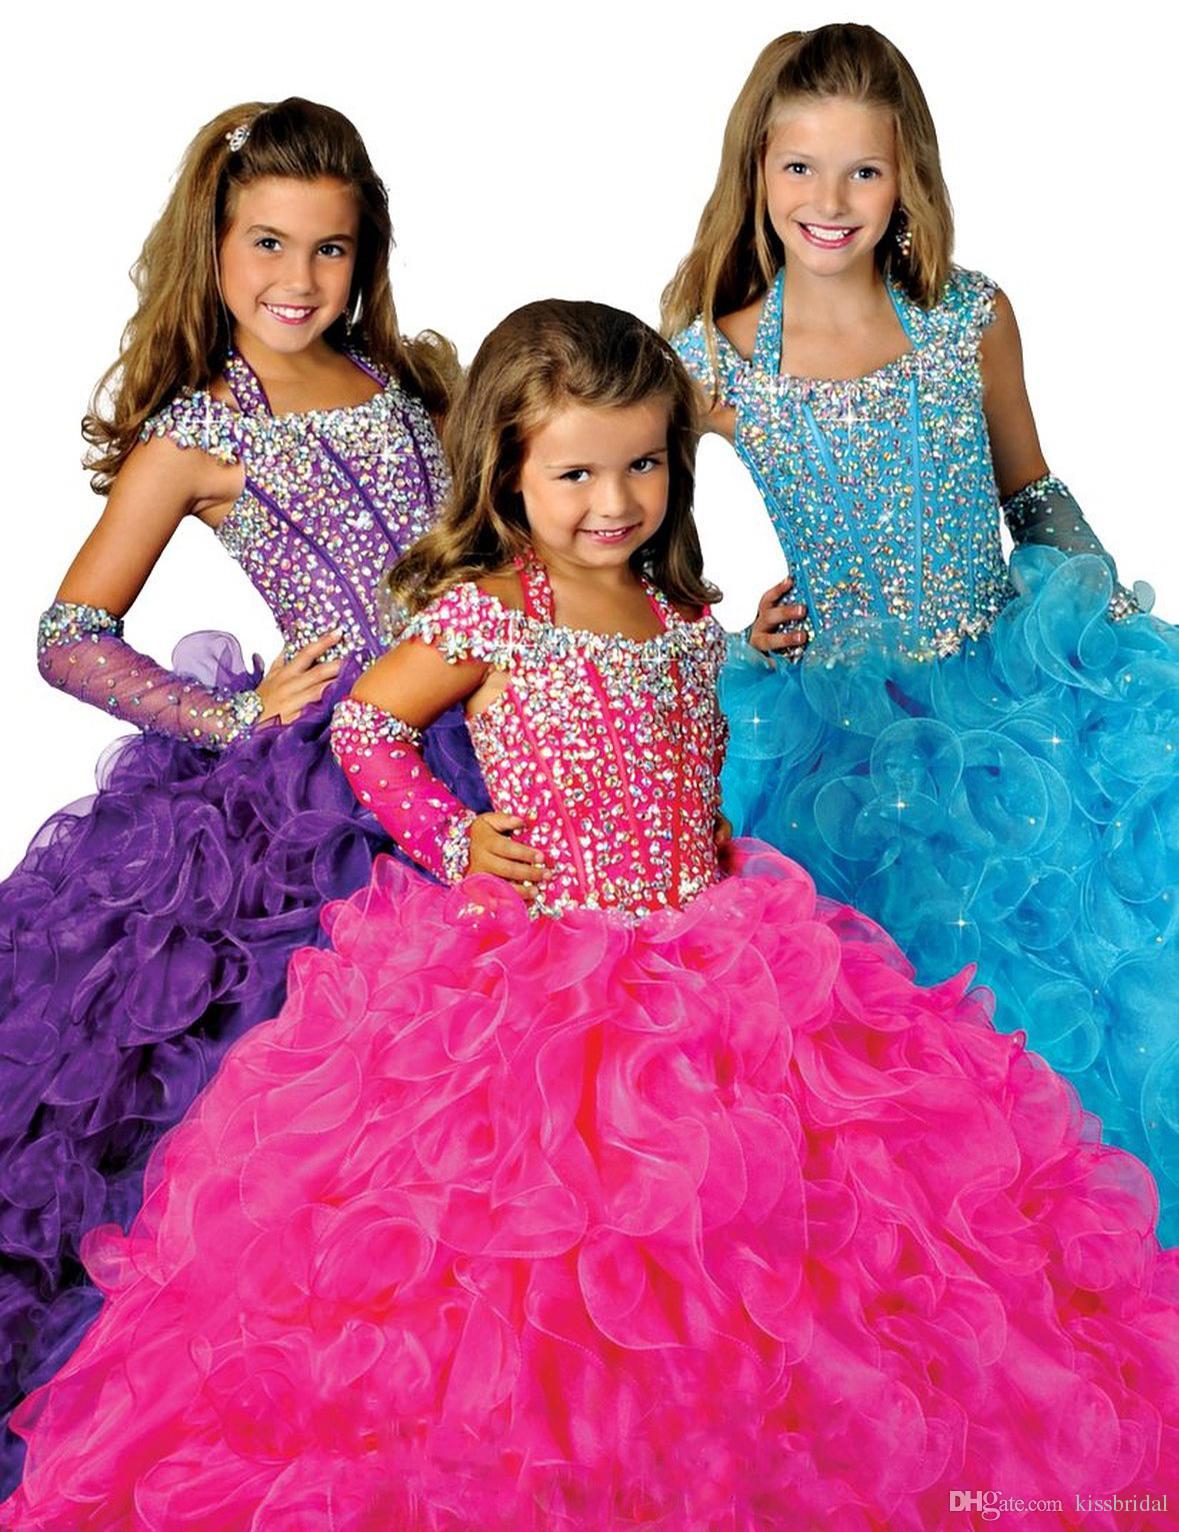 Wunderschöne lila Ballkleid Festzug Kleider für Mädchen Perlen Neckholder Lace-up zurück Organza Rüschen bodenlangen Blumenmädchenkleider